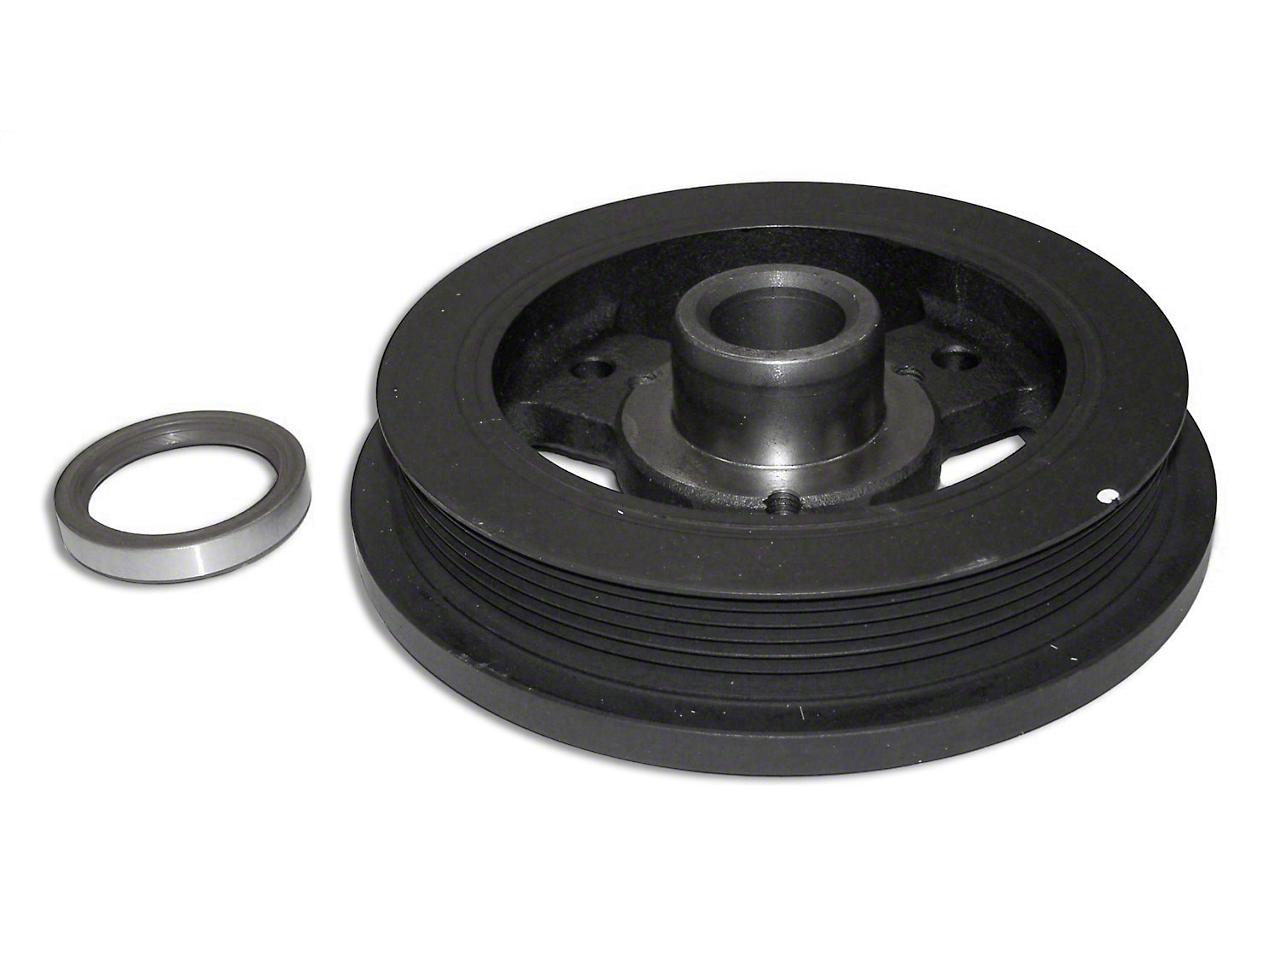 Crown Automotive Crankshaft Damper & Front Crankshaft Seal (91-06 4.0L Wrangler YJ & TJ)